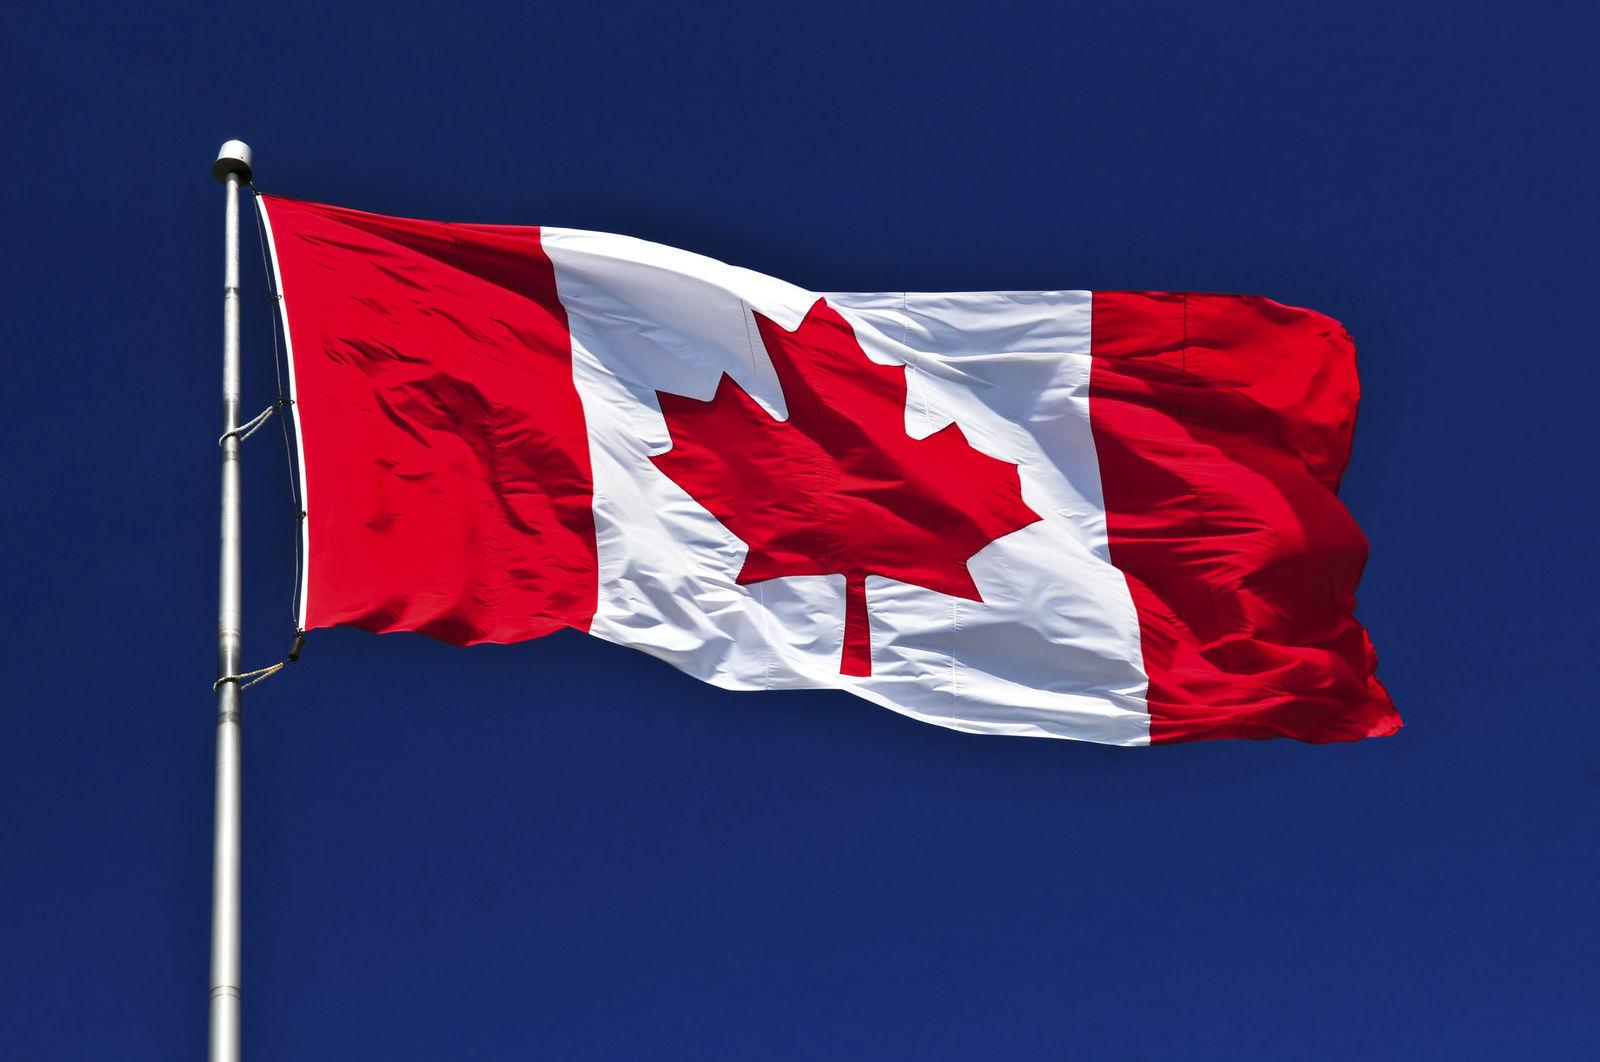 Канад улс ирэх гурван жилд нэг сая гаруй цагаач хүлээж авна